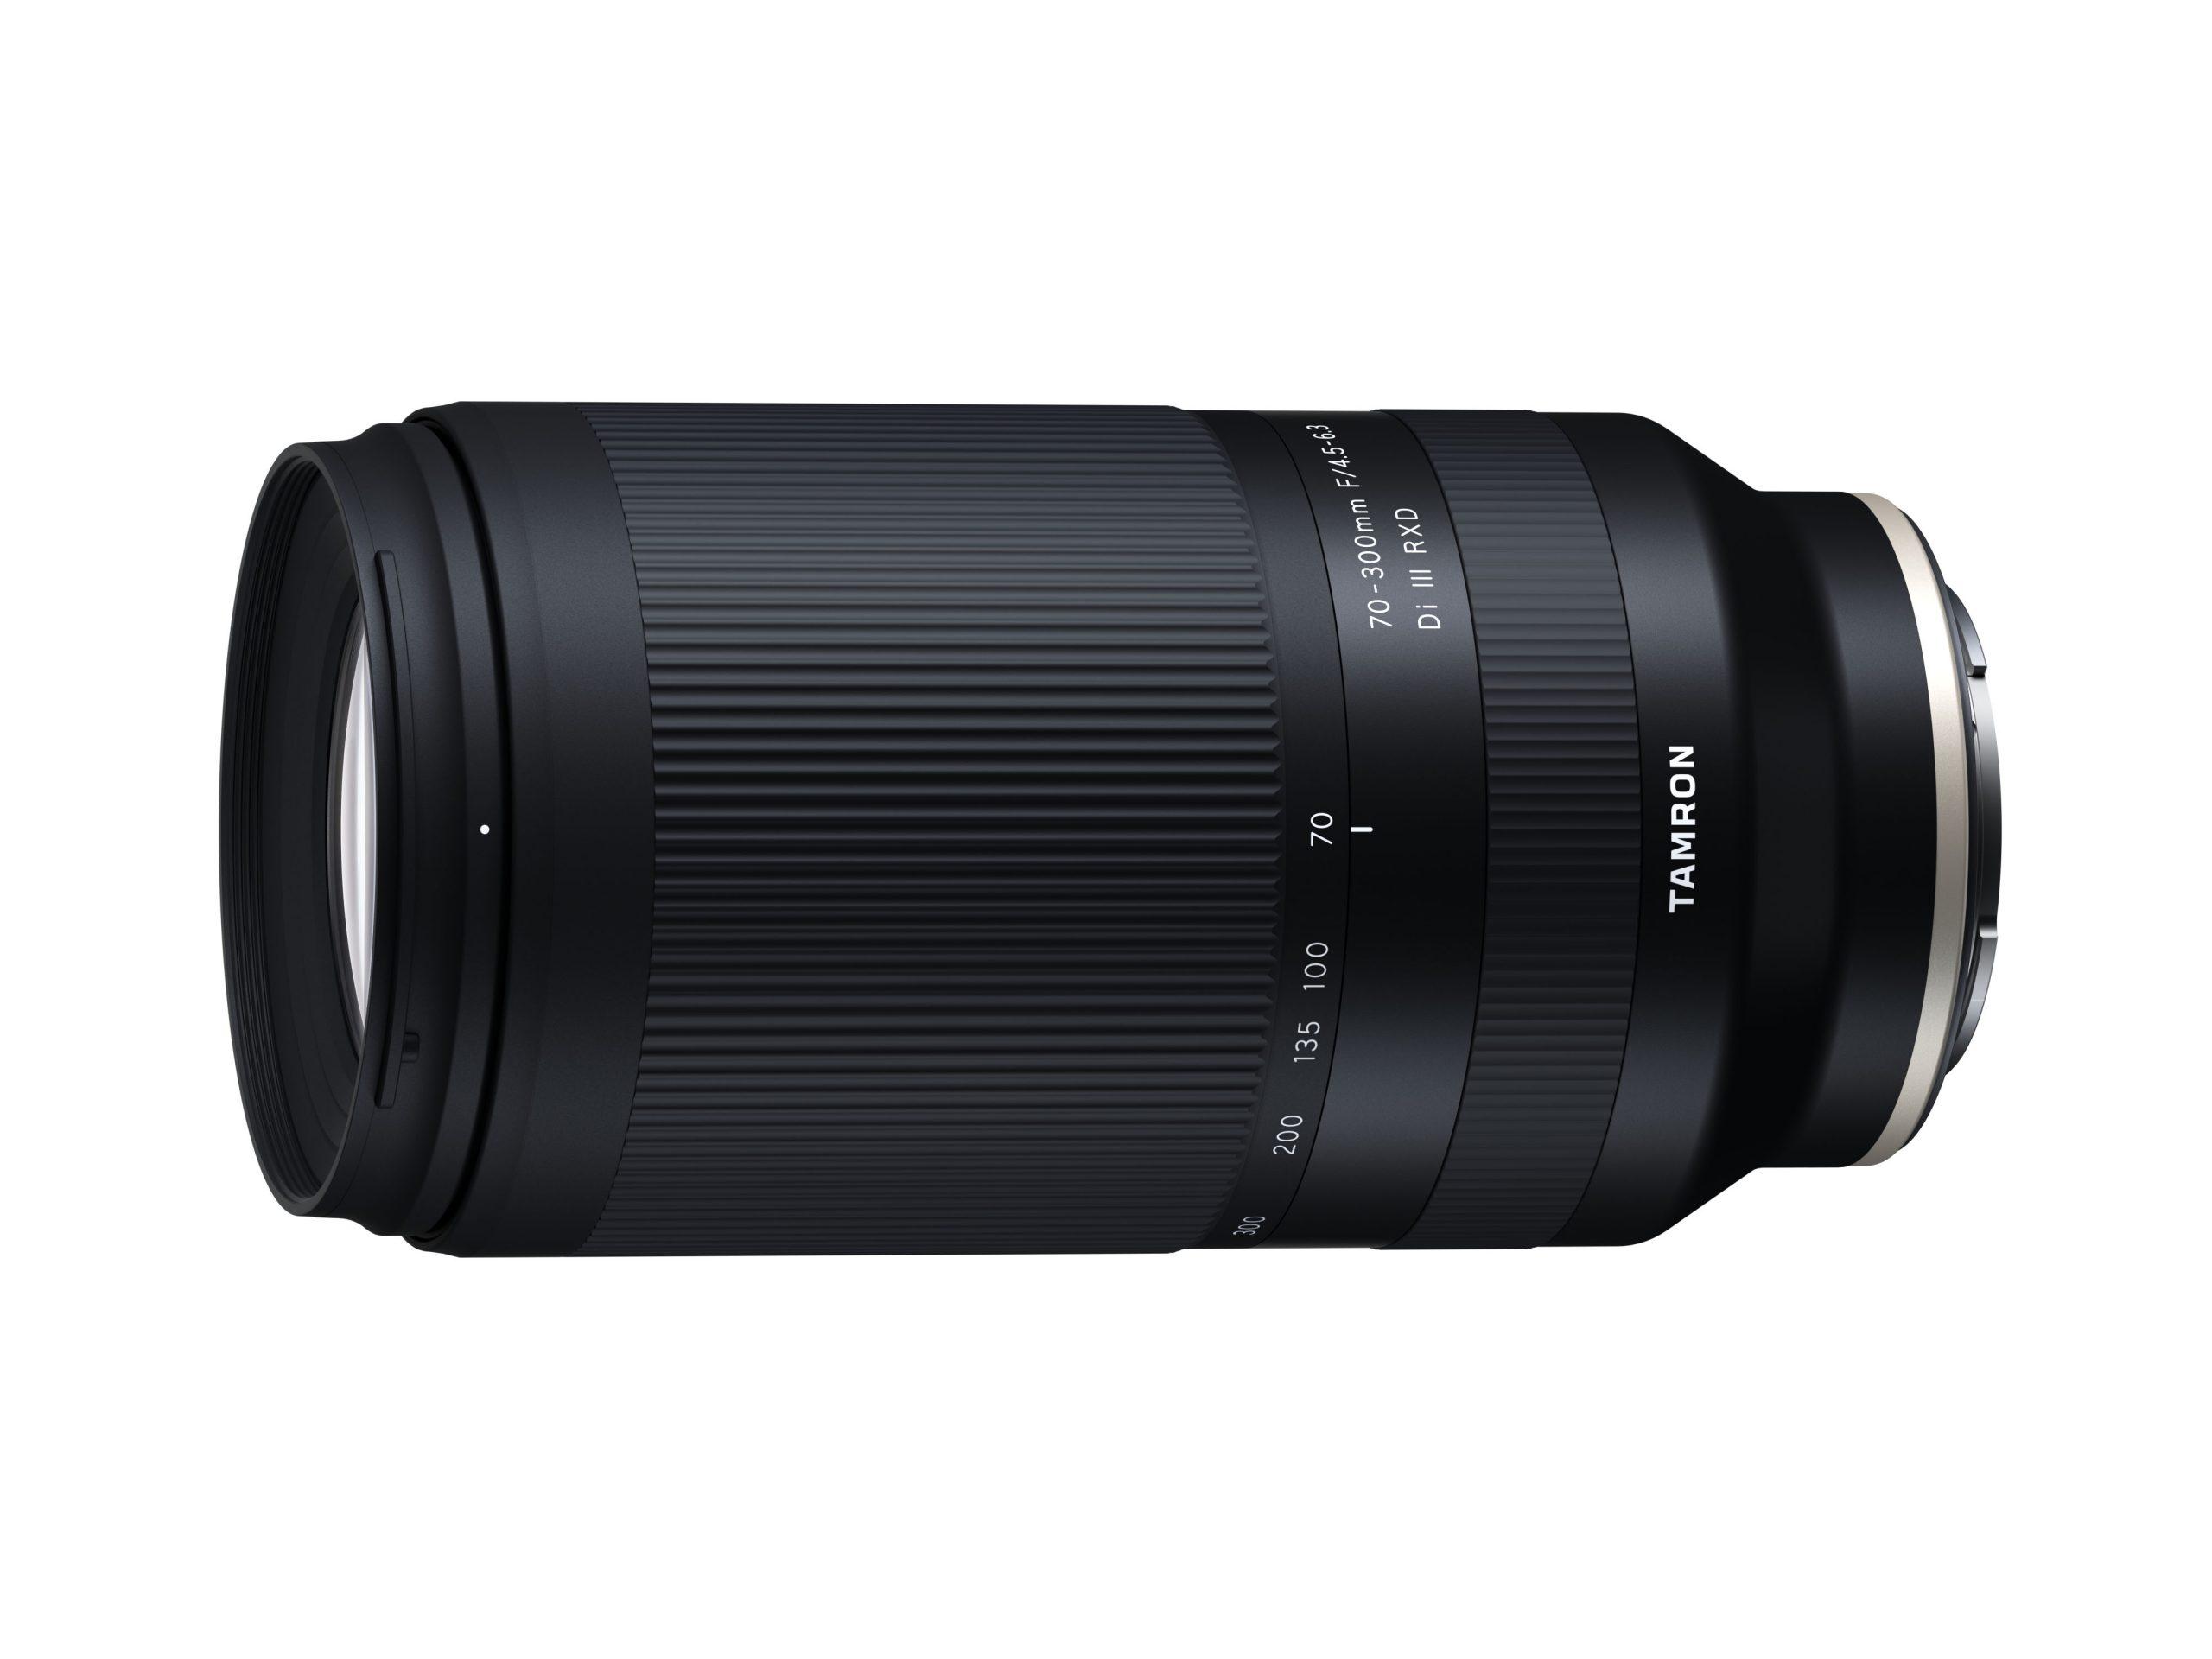 Das Tamron-Telezoomobjektiv 70-300mm F/4.5-6.3 Di III RXD (Modell A047) ist vielseitig einsetzbar, etwa für Landschafts-, Wildlife- und Sportaufnahmen sowie Porträts.